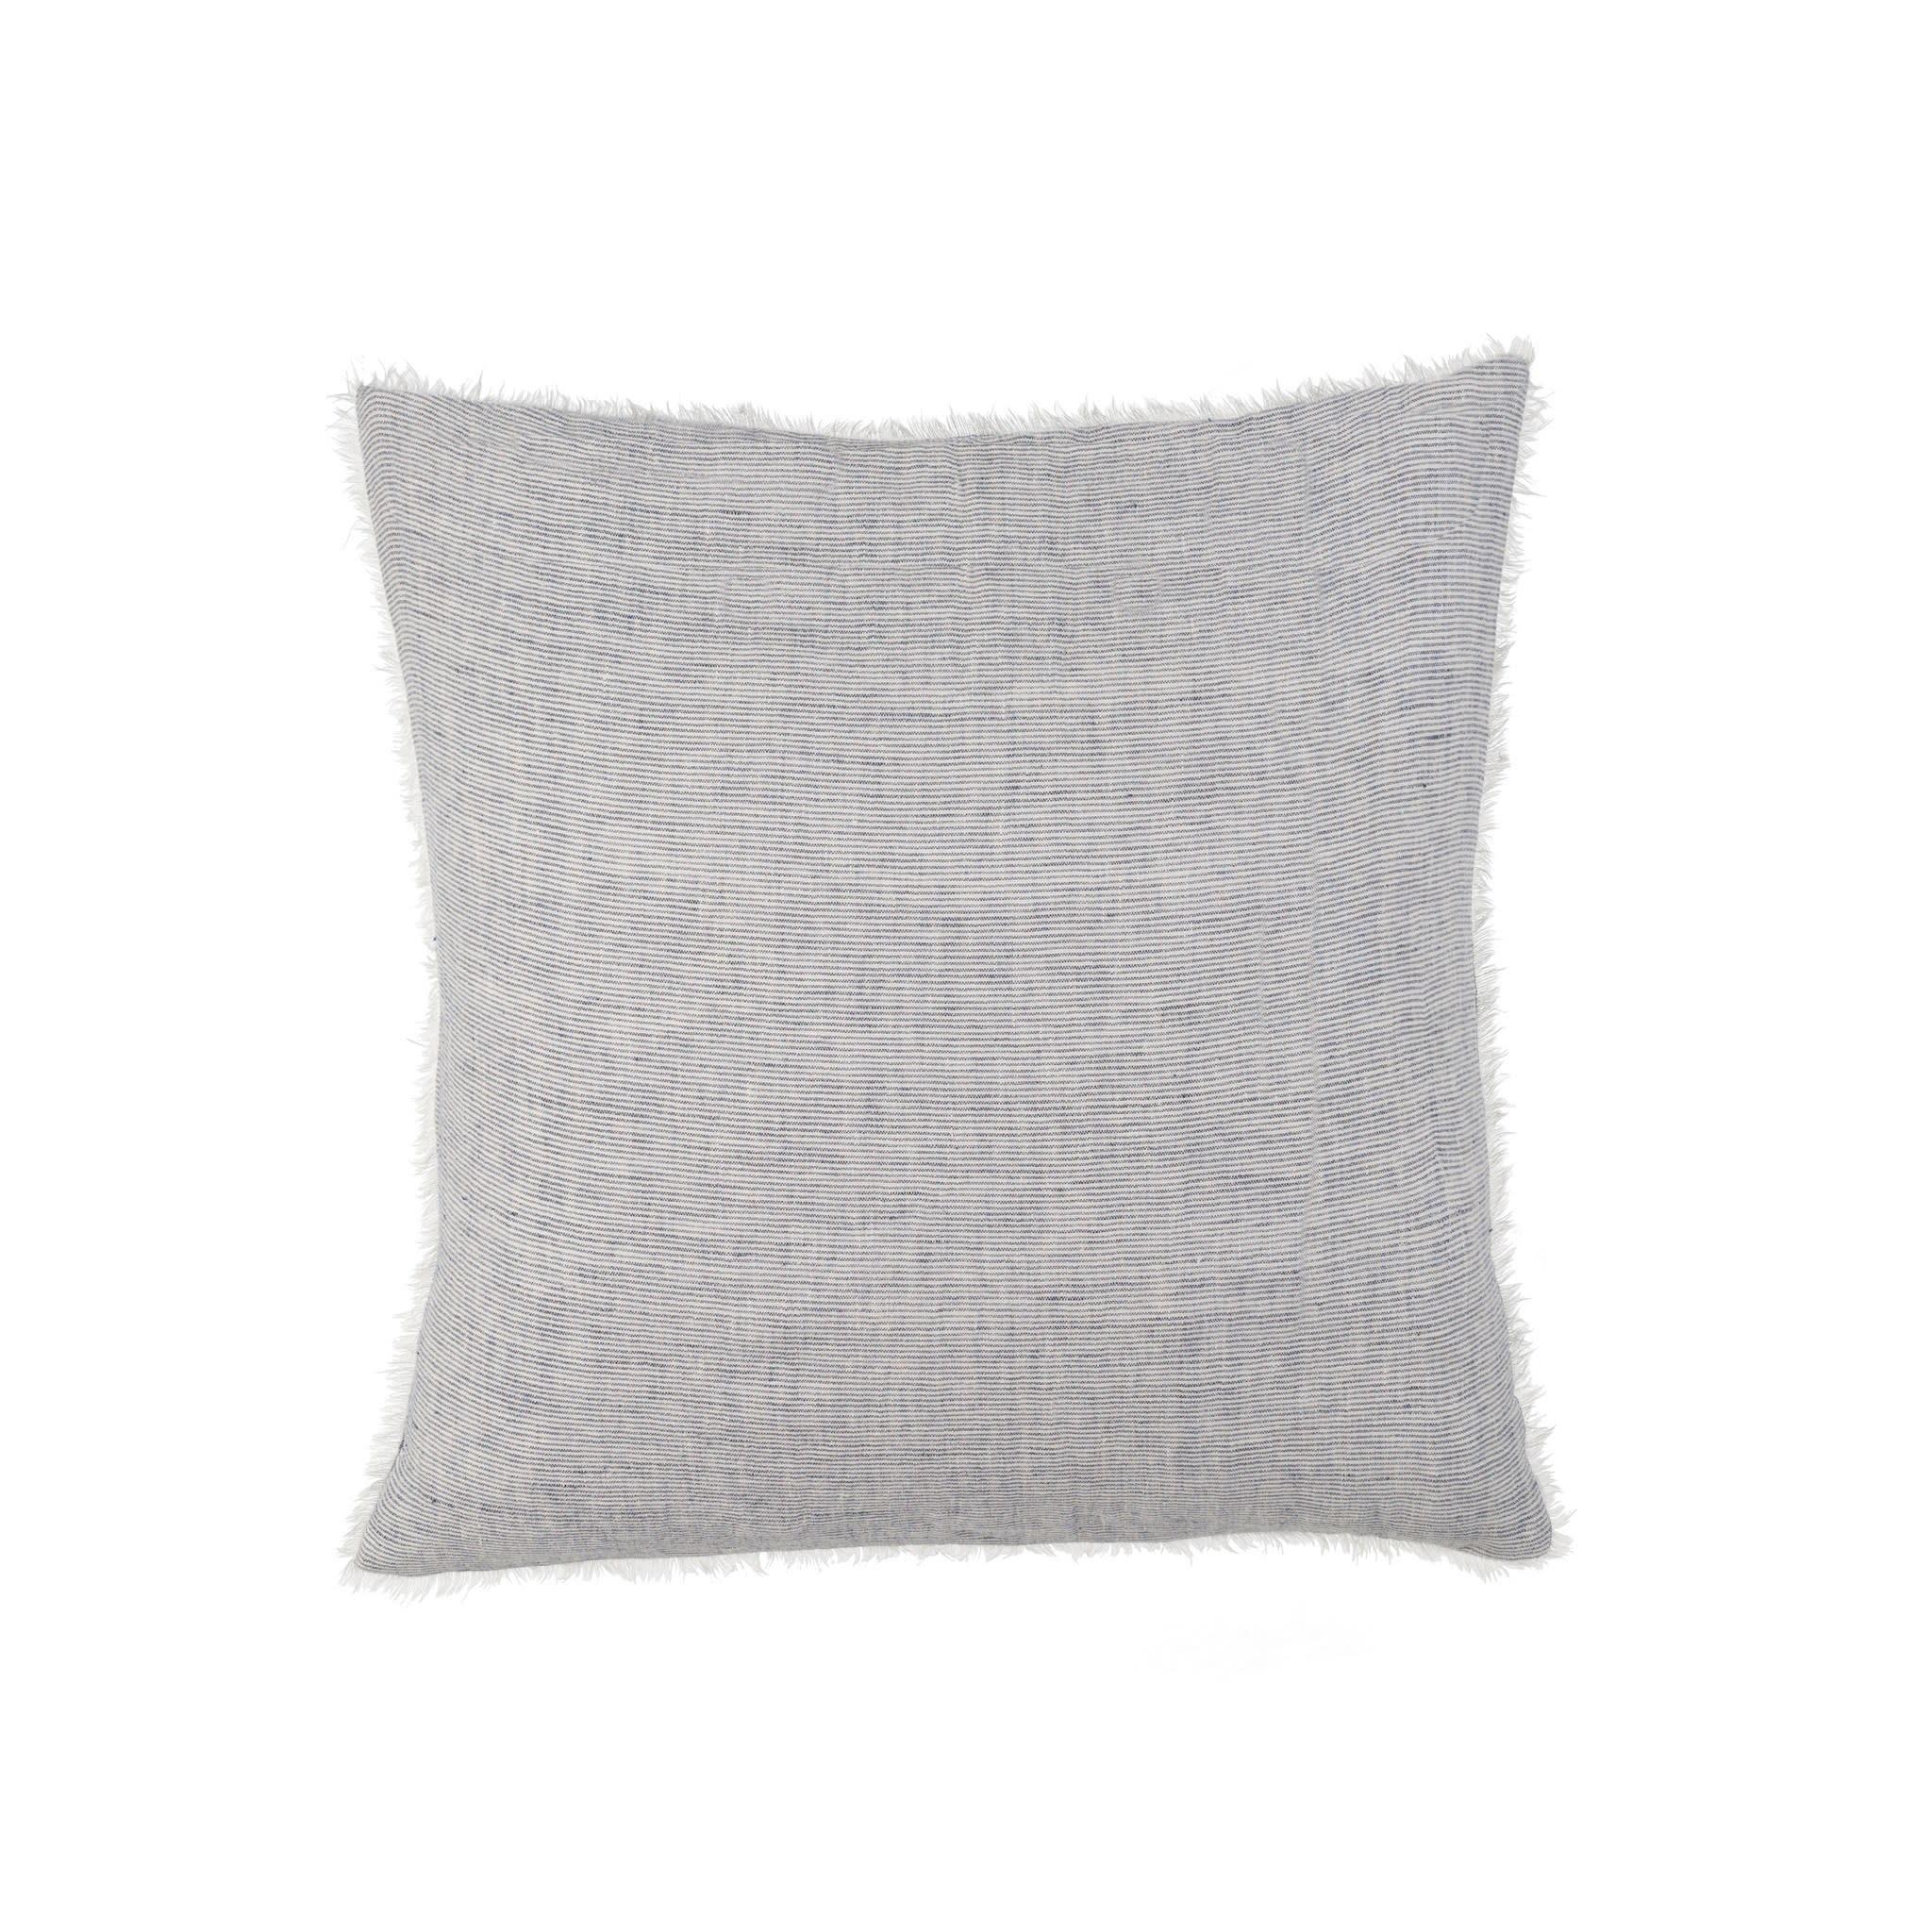 Lina Linen Pillow - Stripe 24 x 24